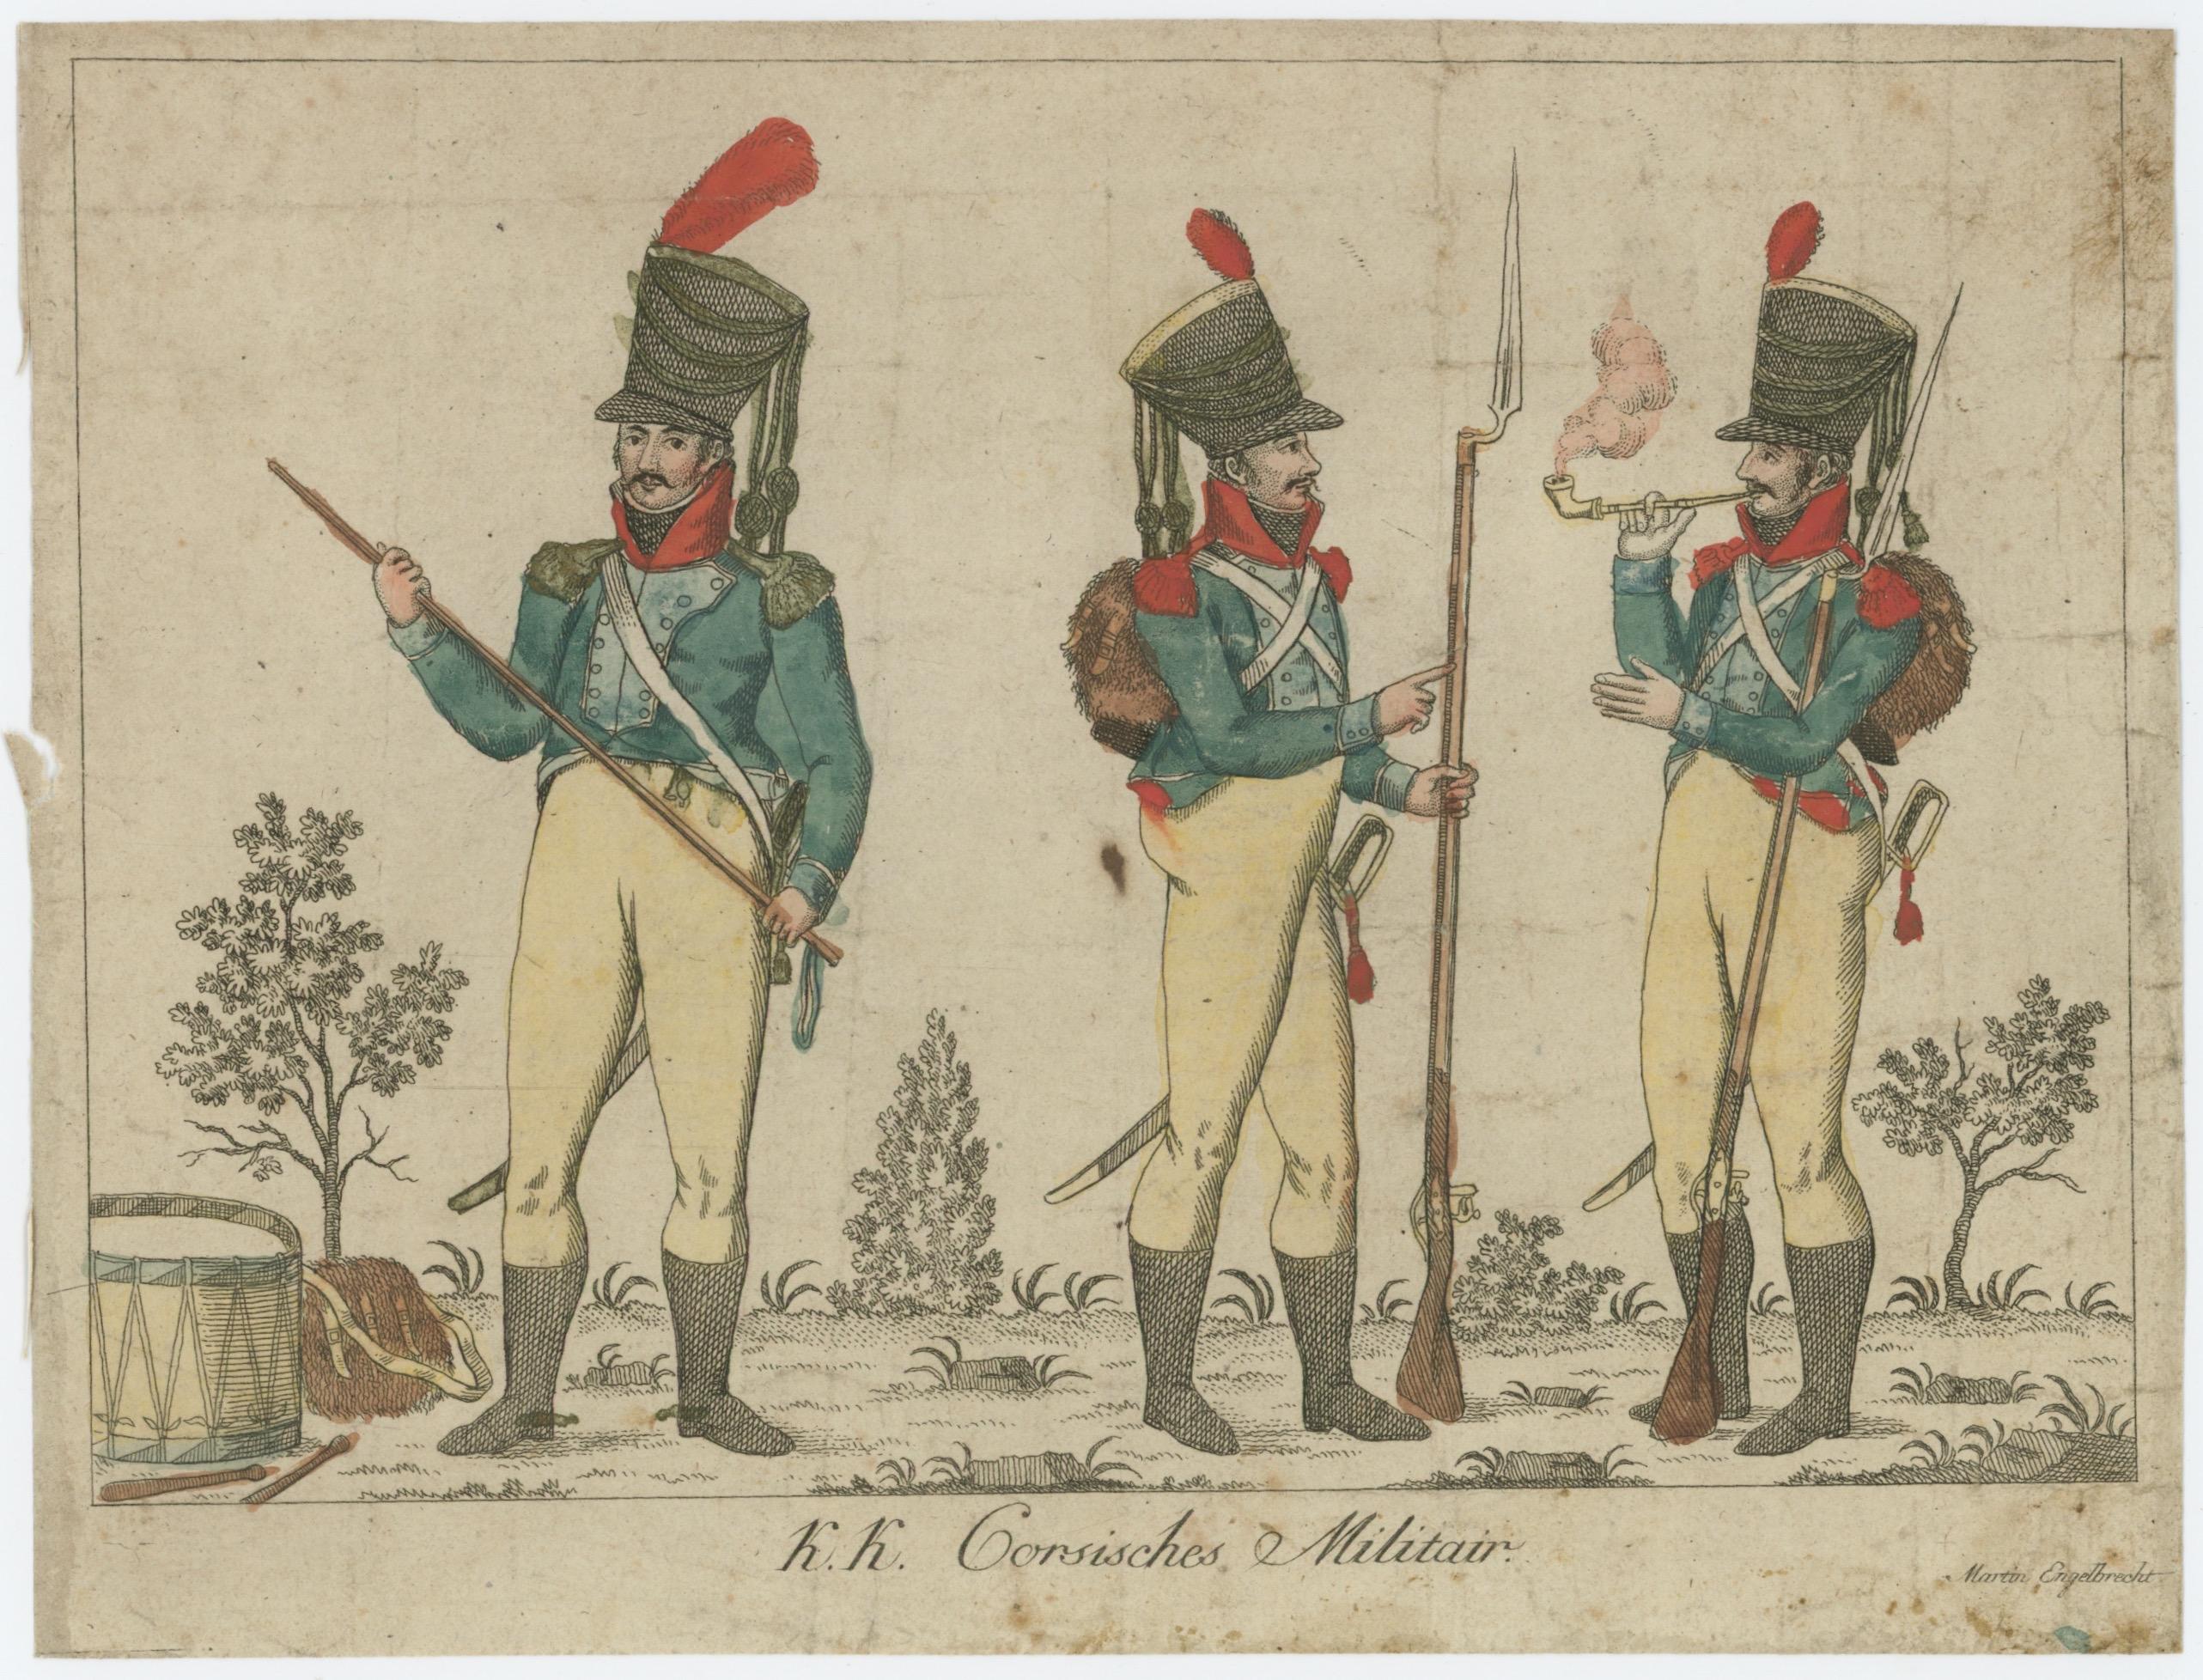 Gravure XVIII - XIX - Troupe Corse - KK Corsiches Militair - Imagerie Anciennes Gravures Martin Engelbercht - Uniforme